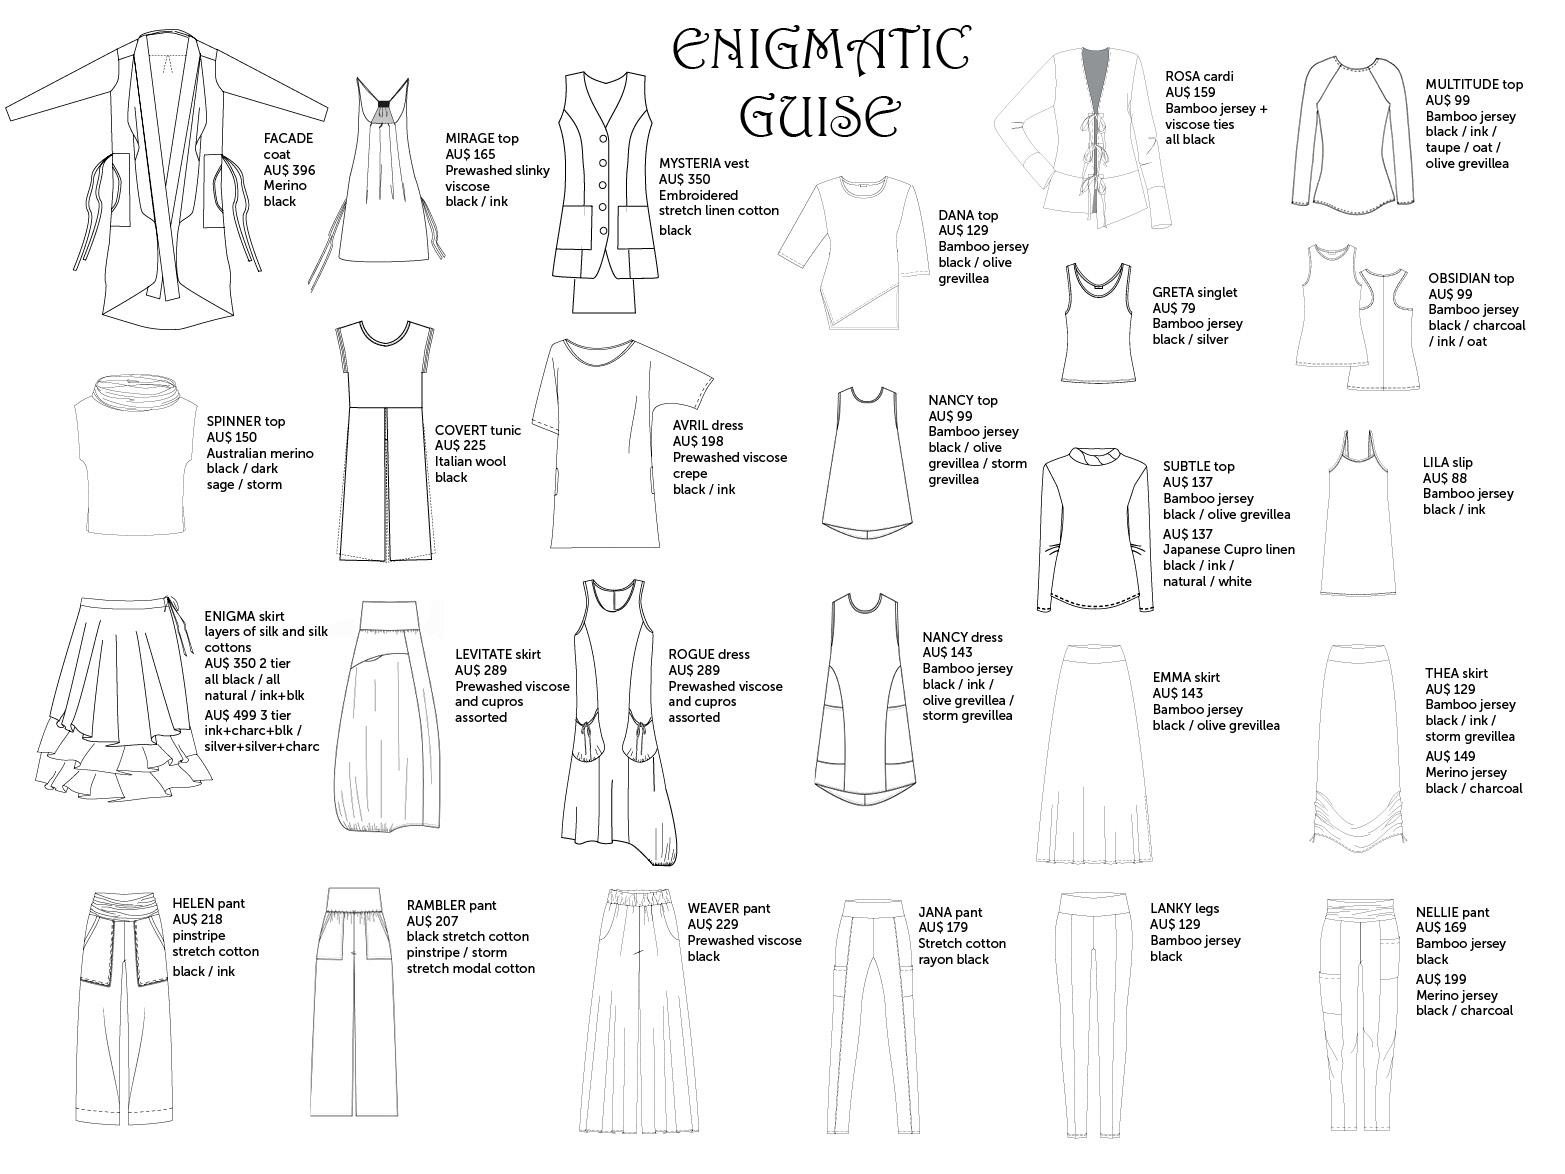 EnigmaticGuiseSketch.jpg